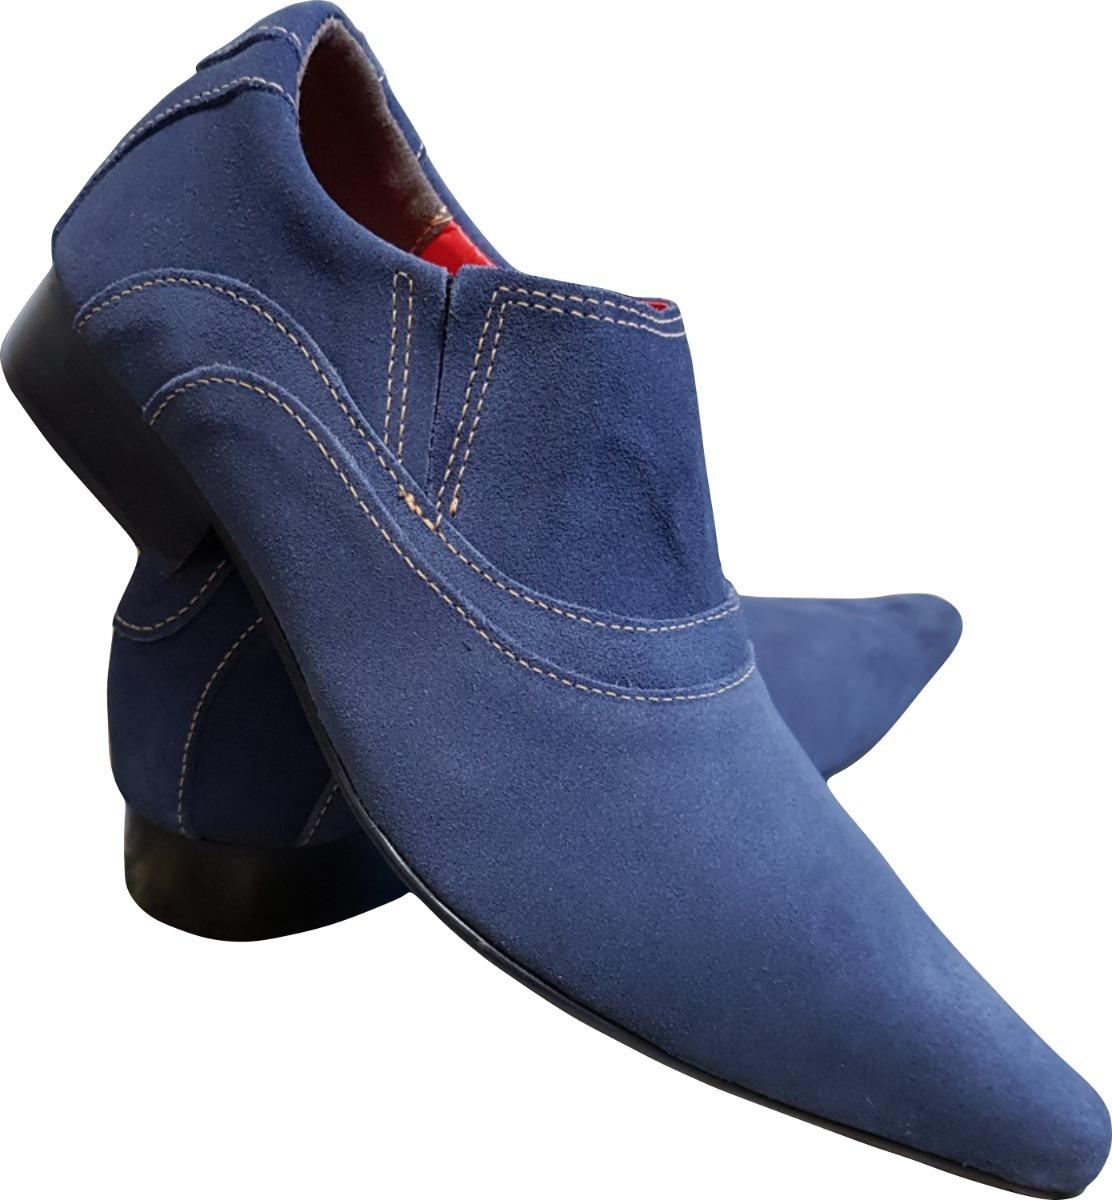 1b3929f9cb Sapato Masculino Em Couro Azul Camurça Ref  668 - R  289